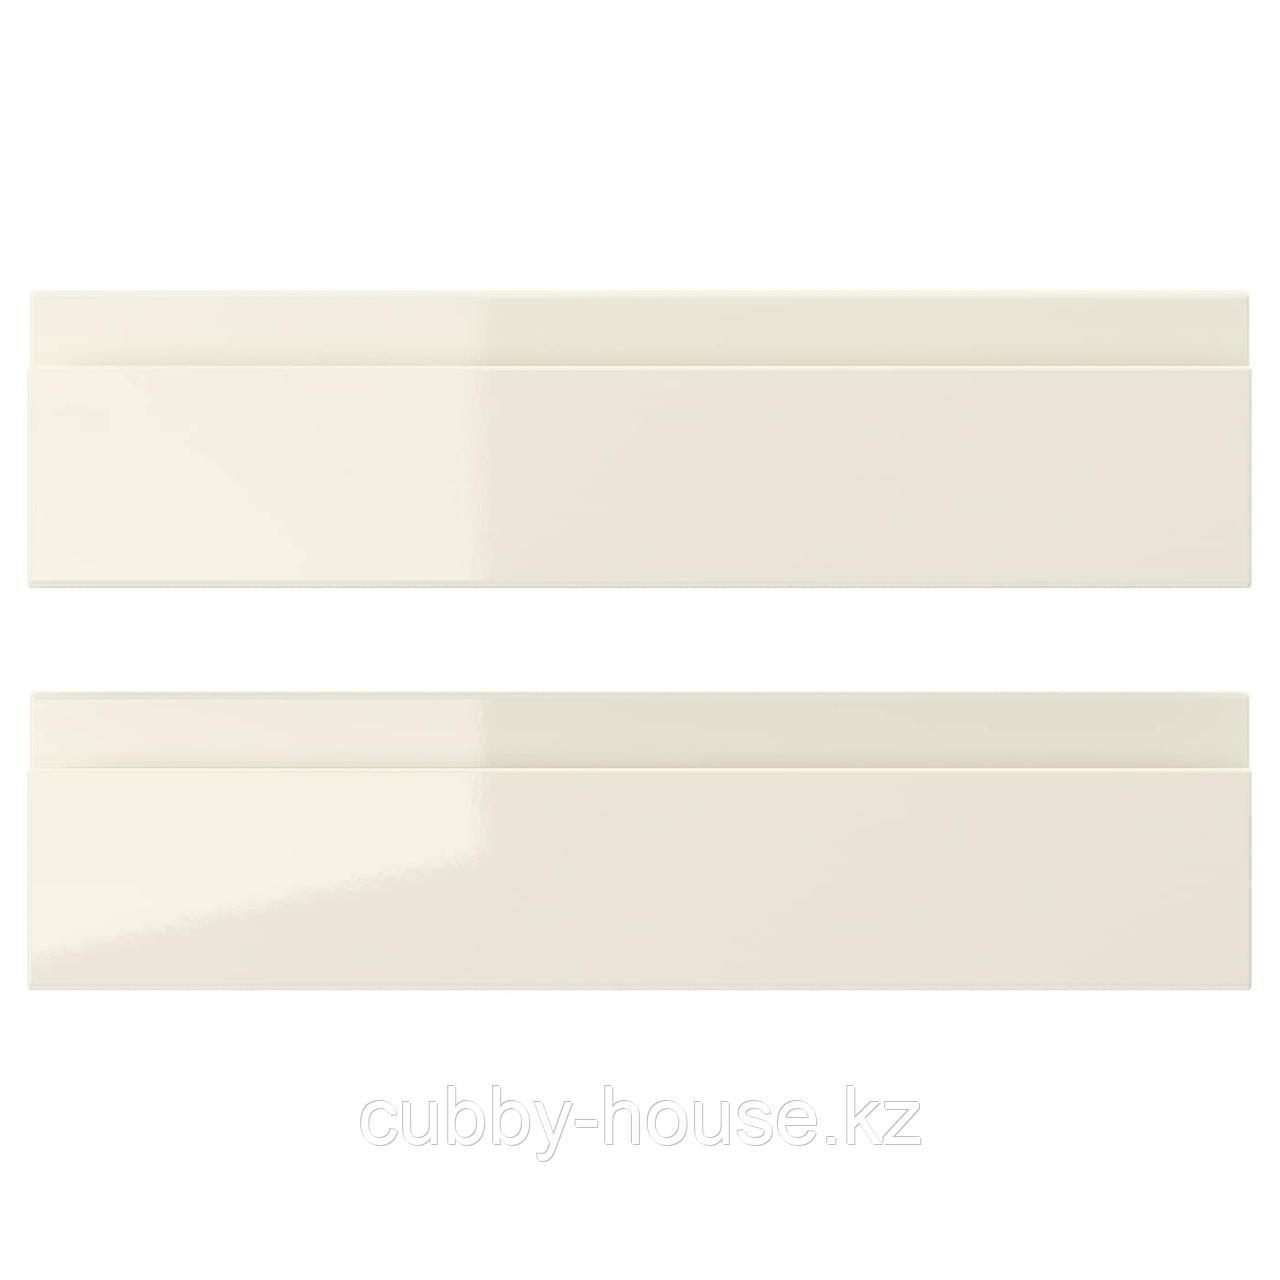 ВОКСТОРП Фронтальная панель ящика, глянцевый светло-бежевый, 60x40 см